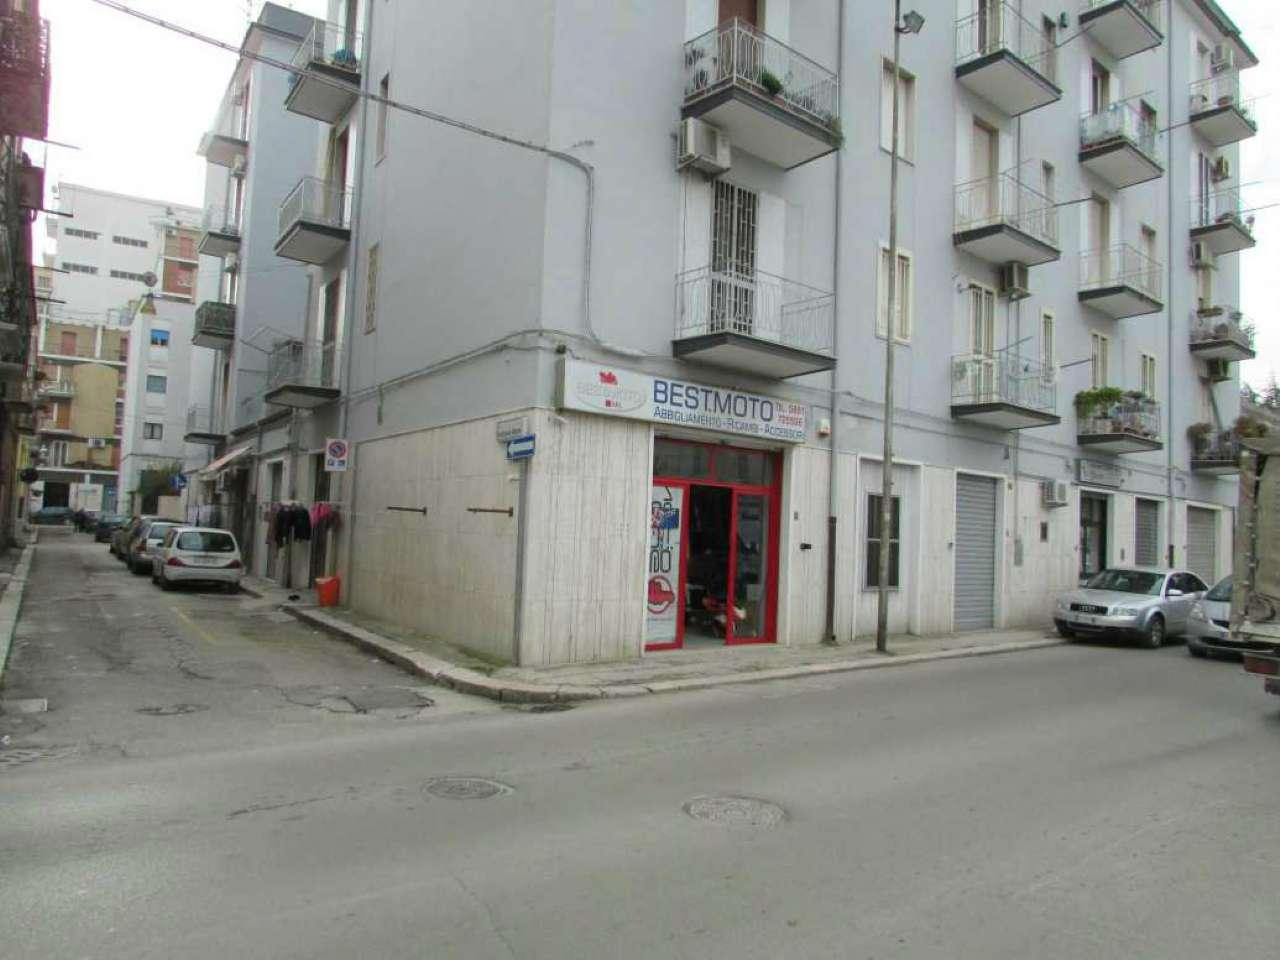 Negozio / Locale in vendita a Foggia, 9999 locali, prezzo € 75.000 | Cambio Casa.it